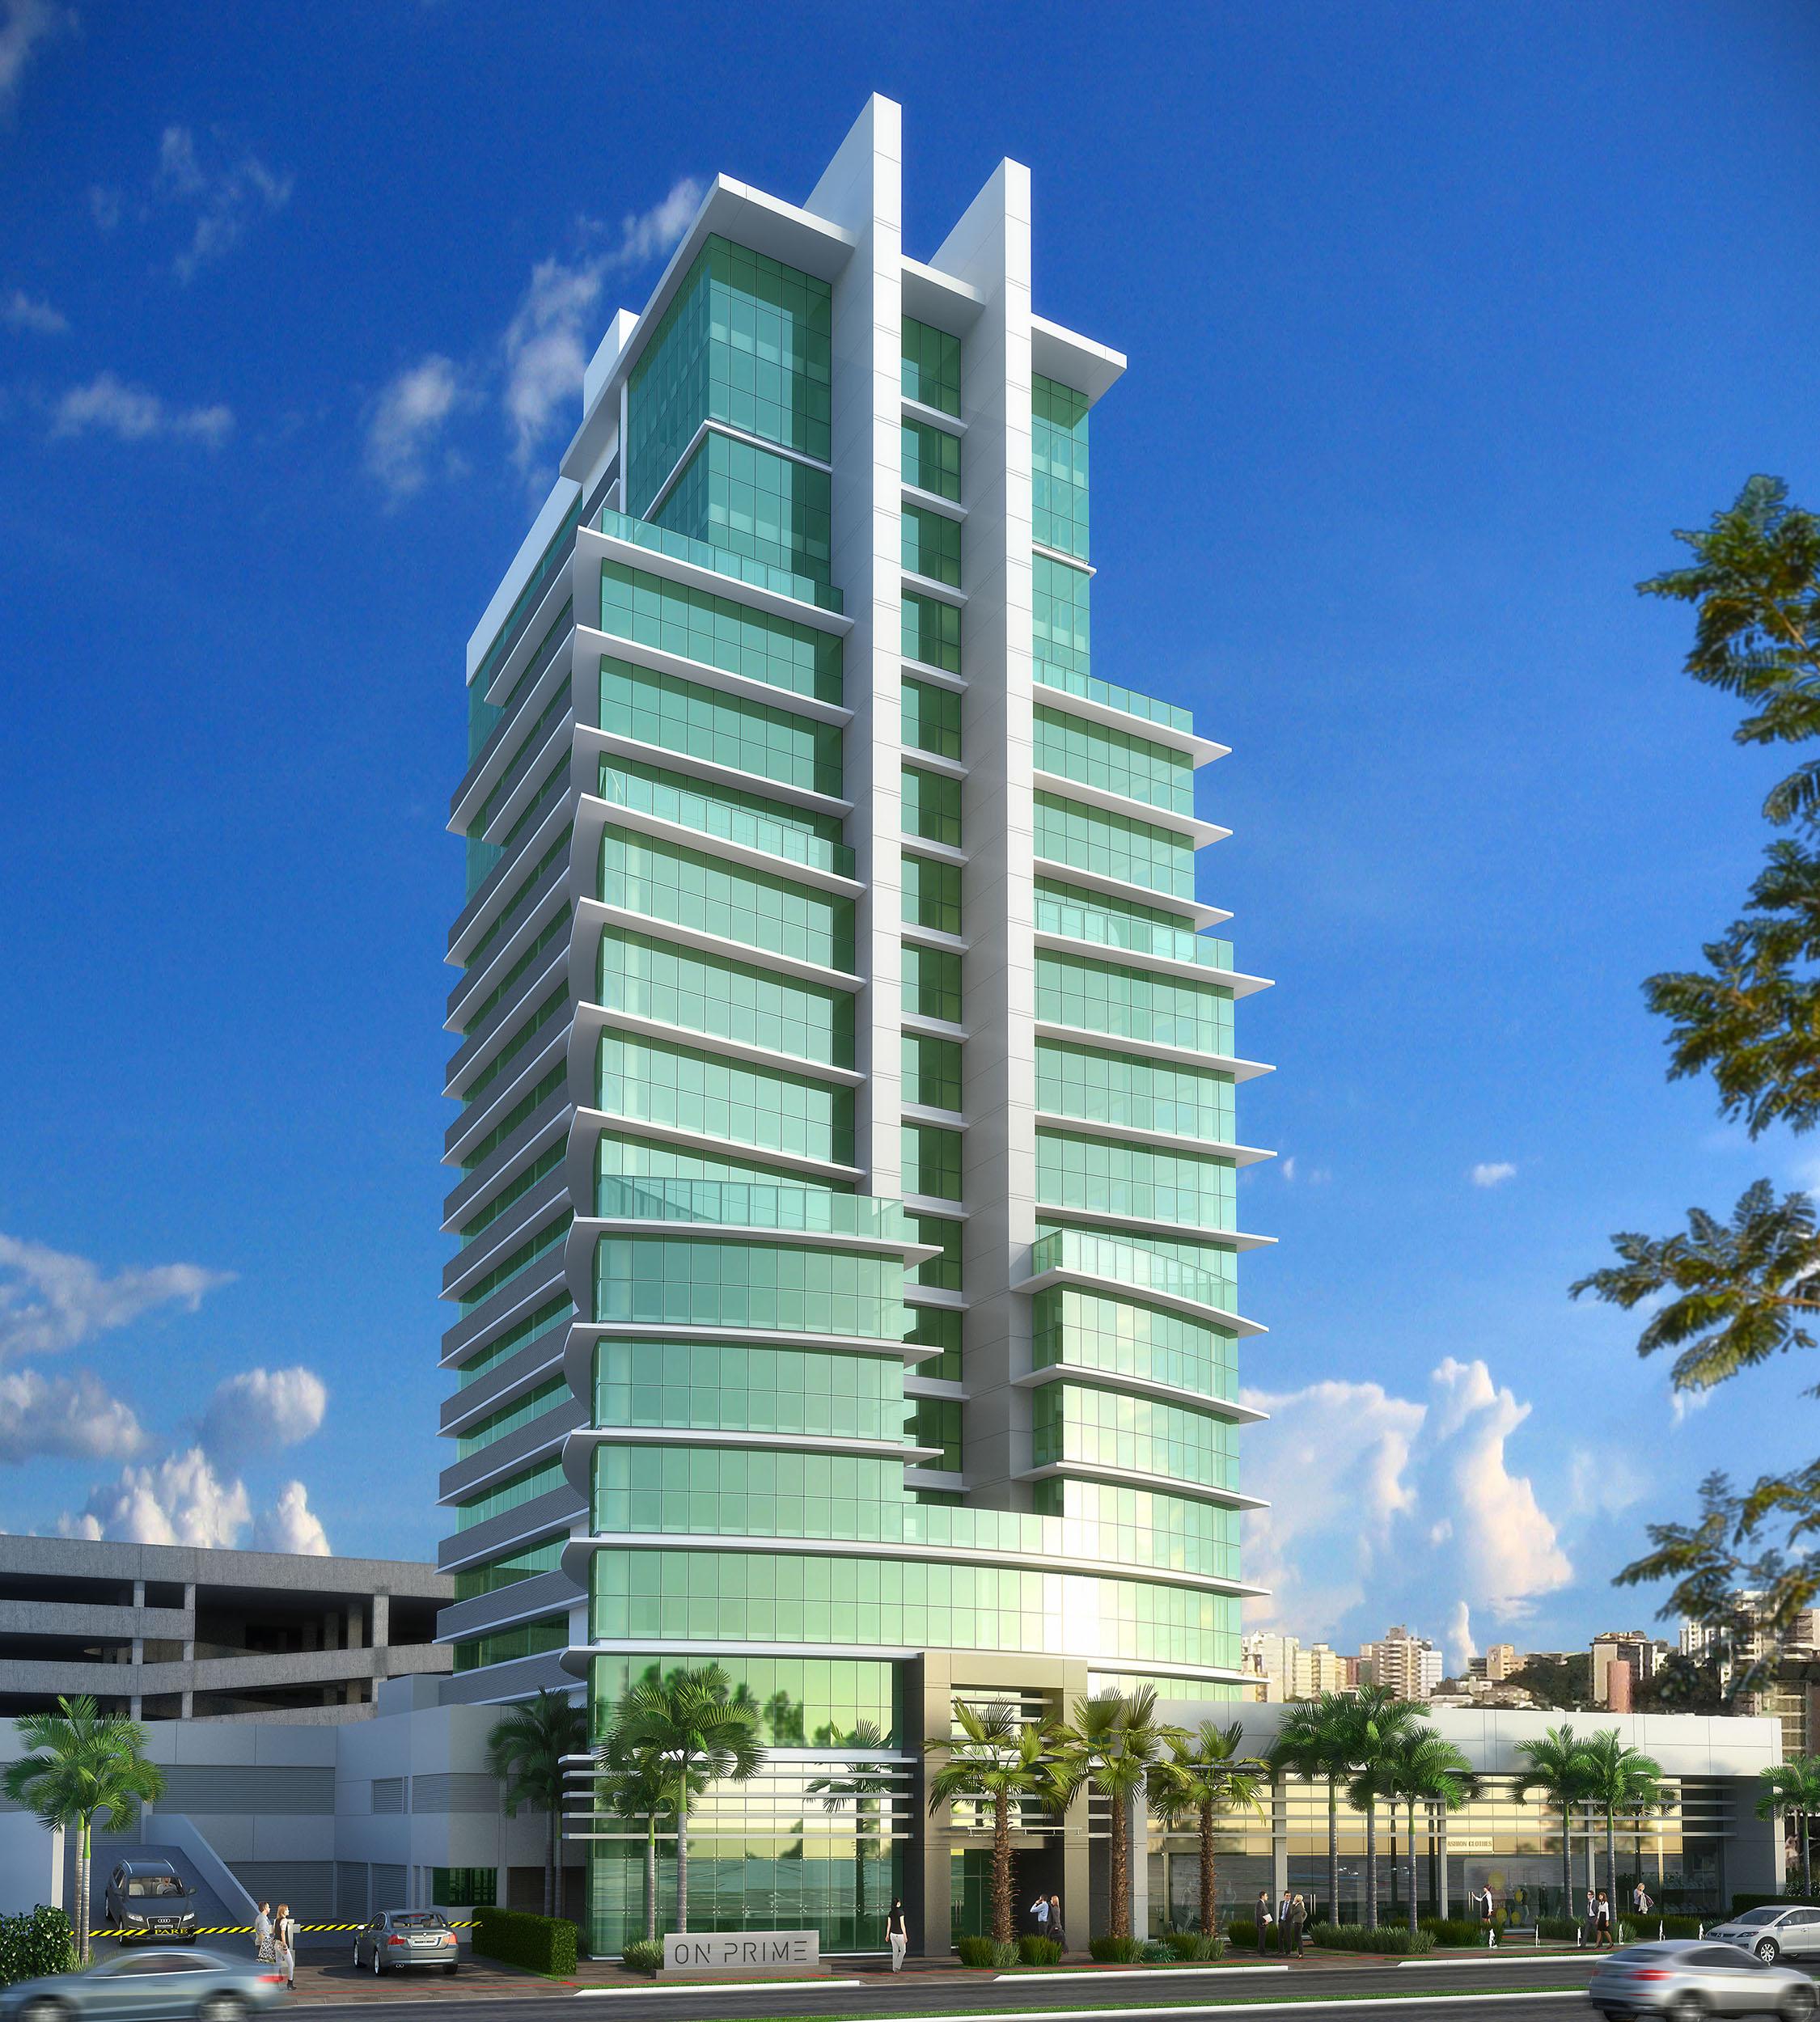 6b530583425 On Prime Offices – Stafe Incorporações Imobiliárias